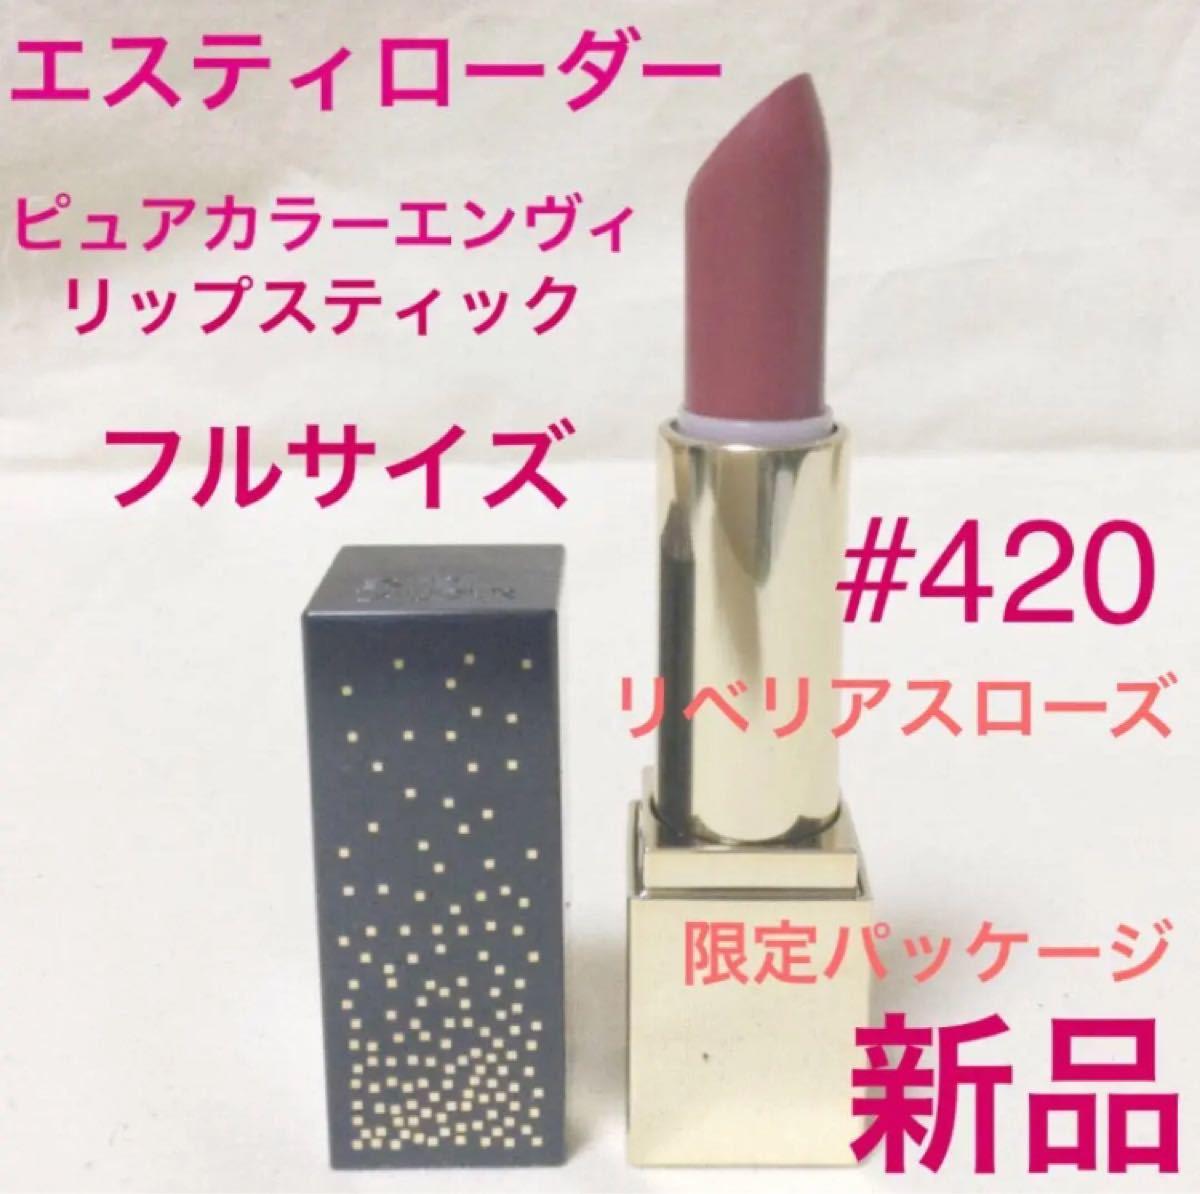 ◆新品◆ エスティローダー ピュアカラー エンヴィ リップスティック 420